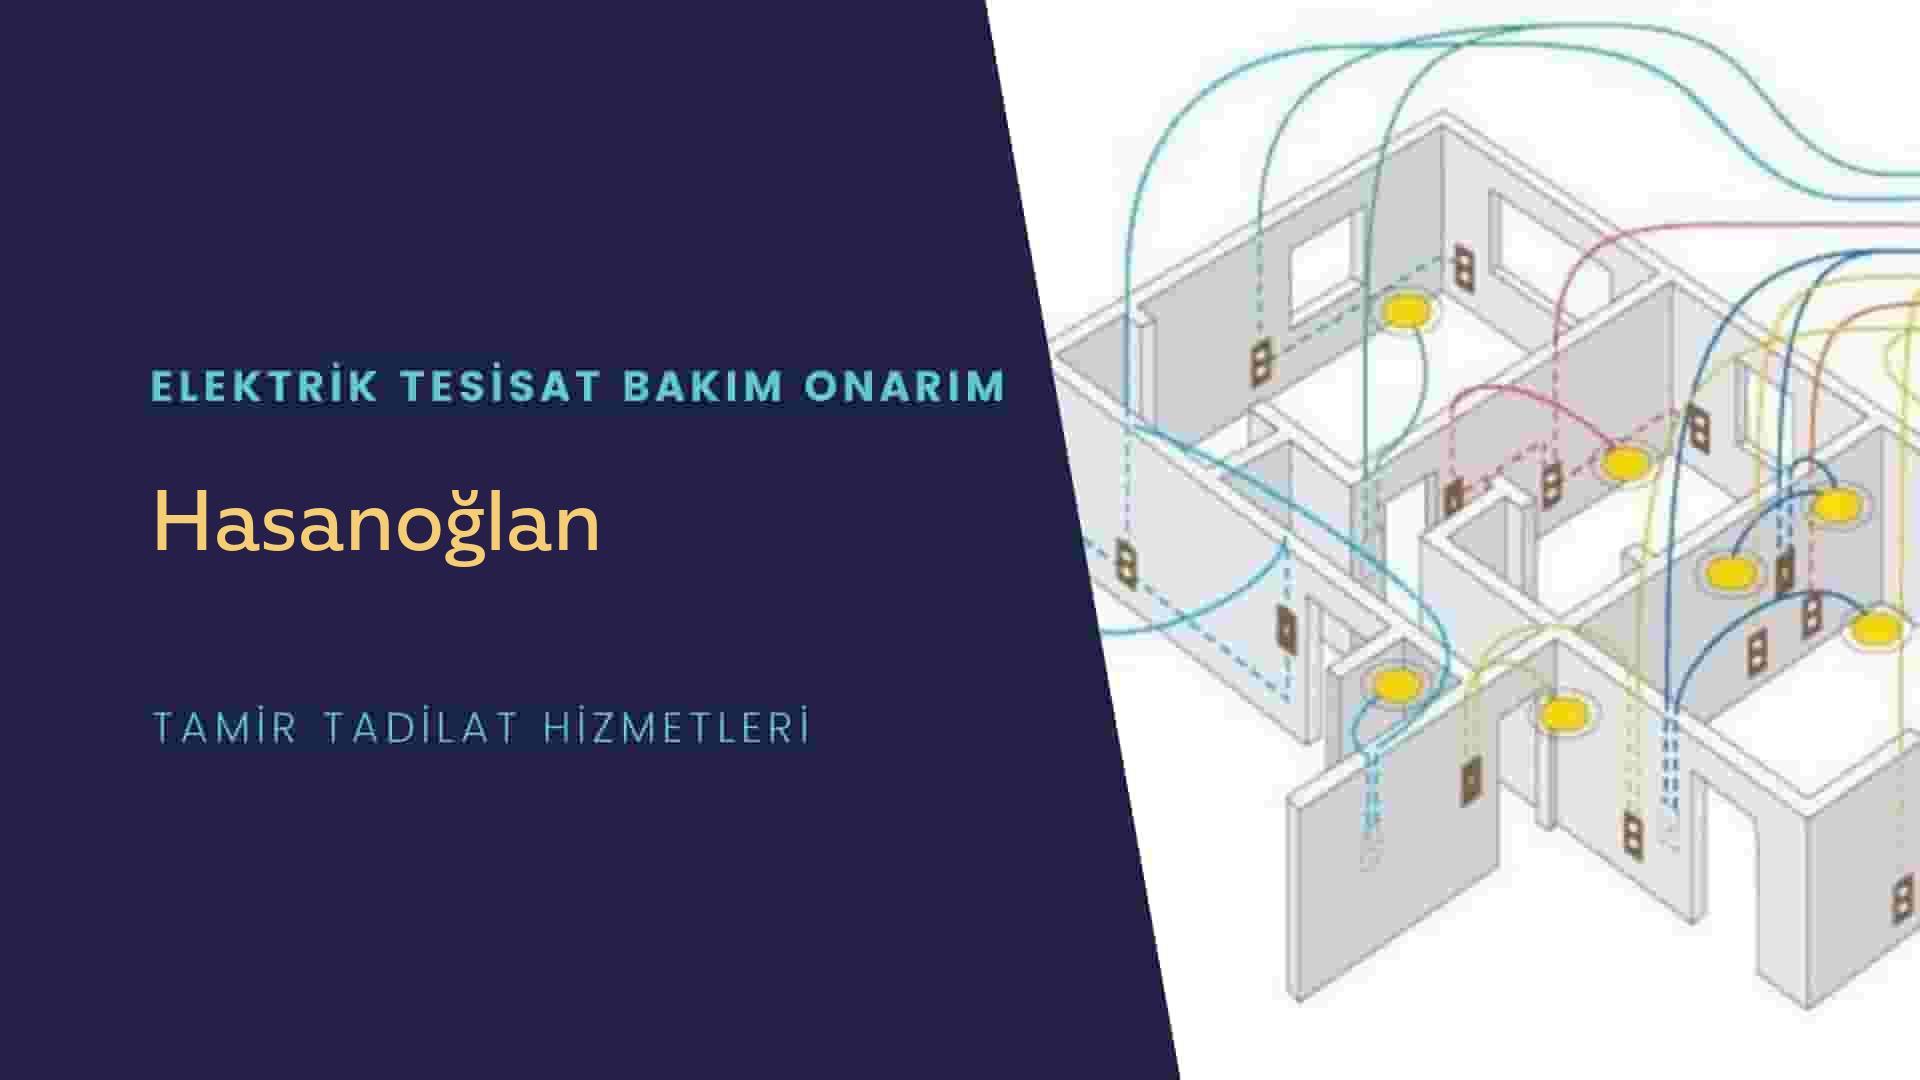 Hasanoğlan'da elektrik tesisatıustalarımı arıyorsunuz doğru adrestenizi Hasanoğlan elektrik tesisatı ustalarımız 7/24 sizlere hizmet vermekten mutluluk duyar.